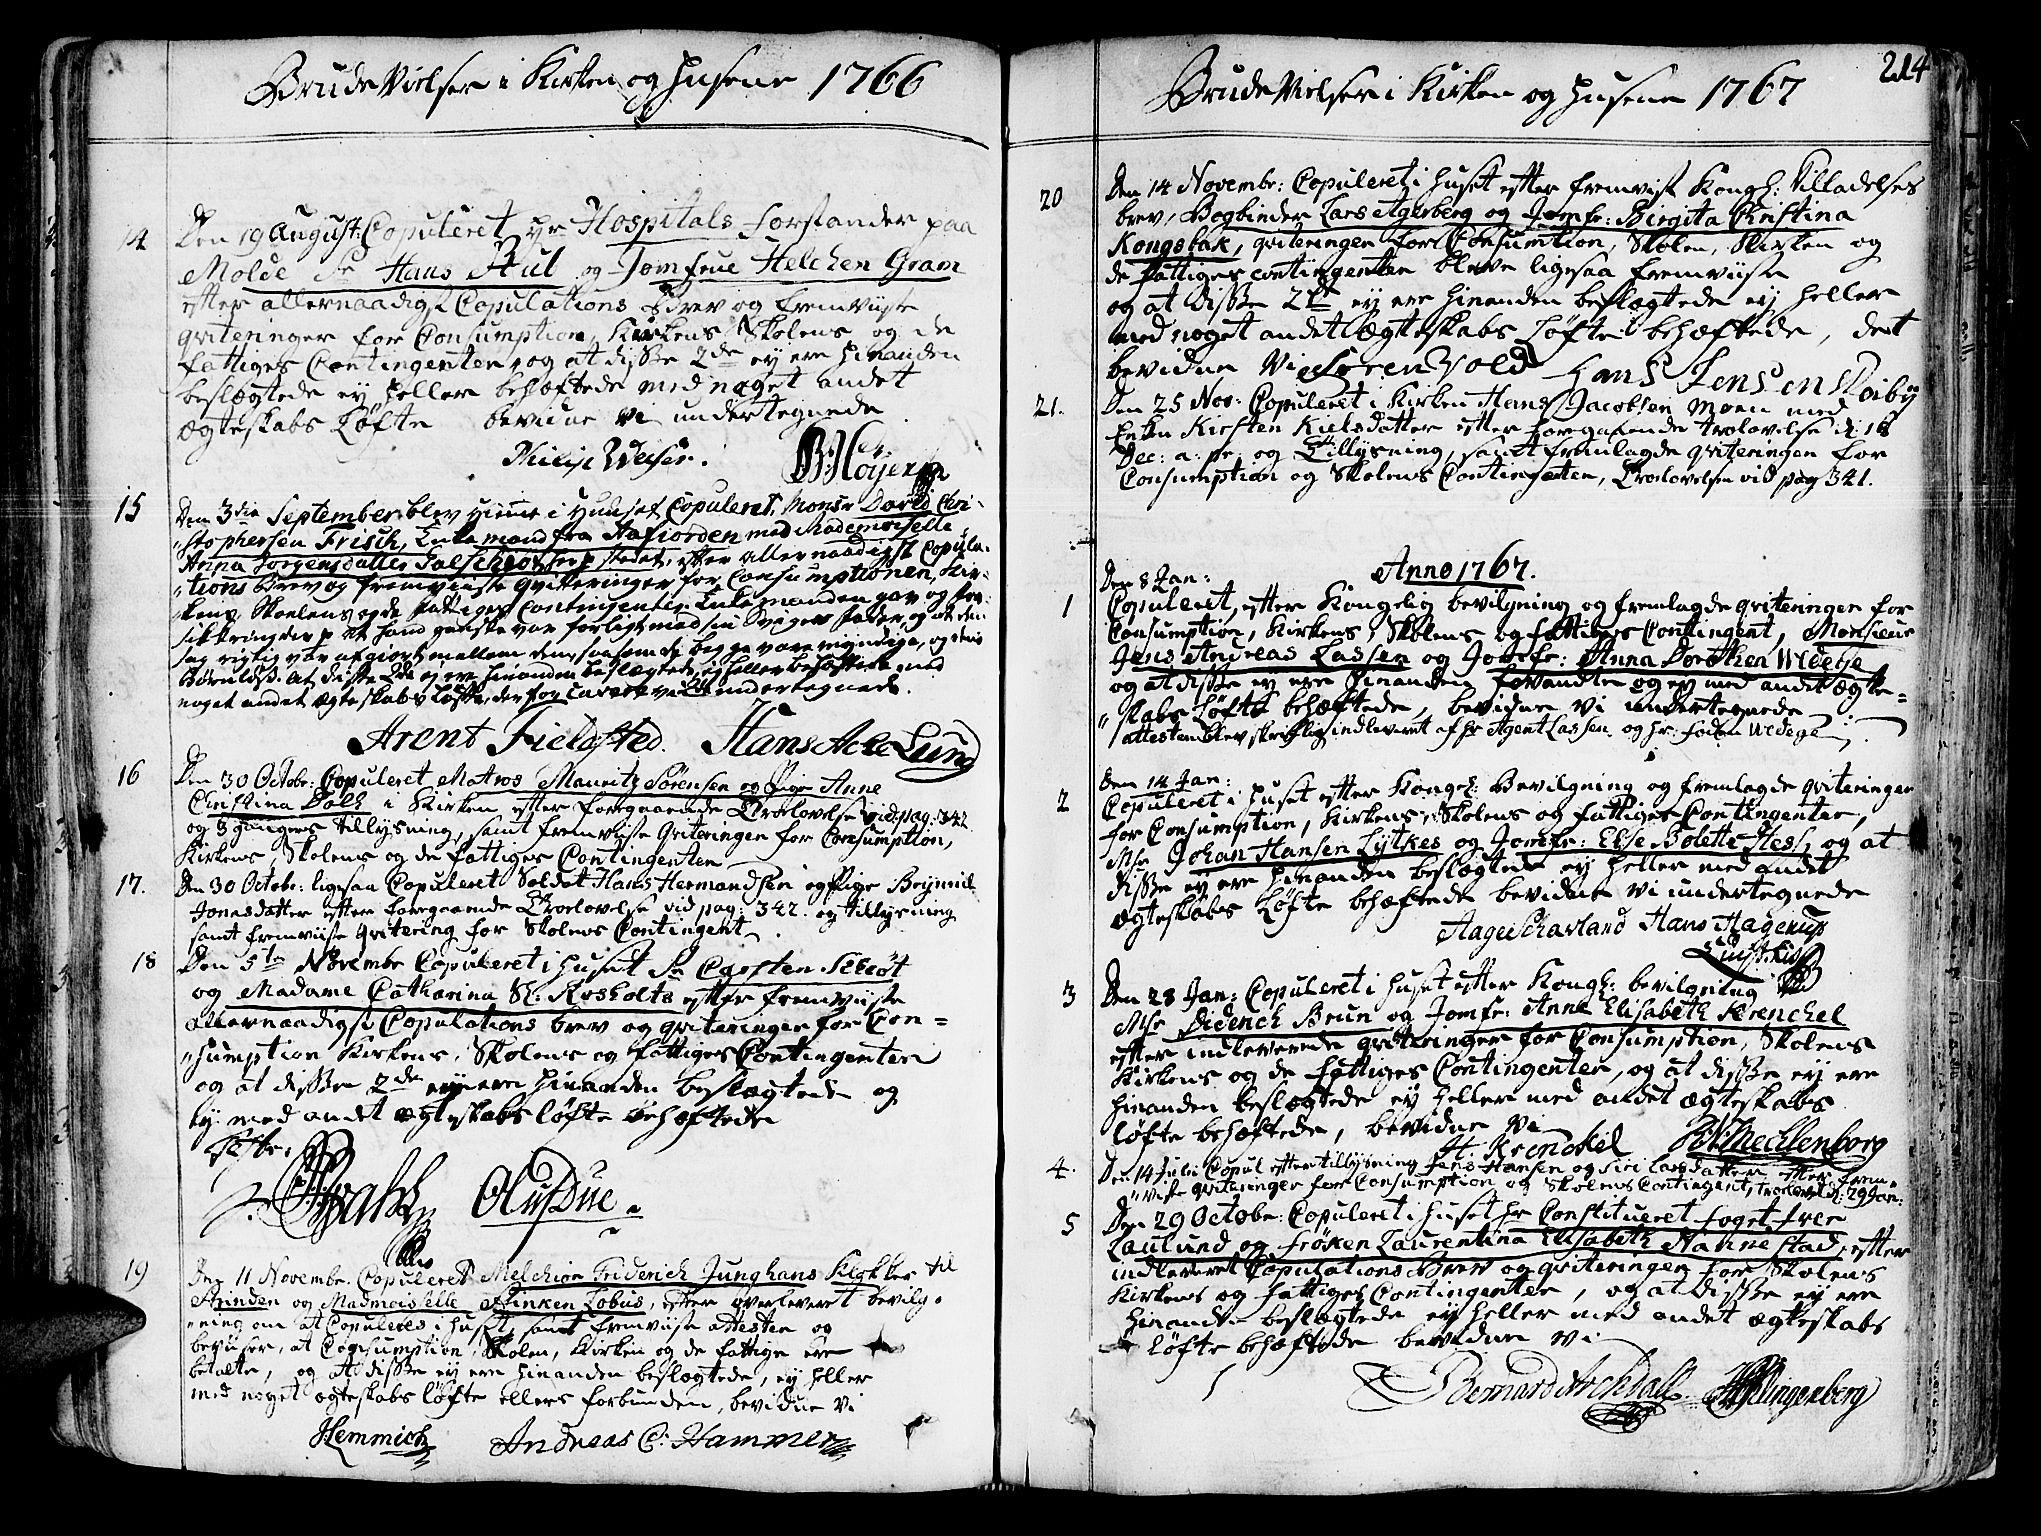 SAT, Ministerialprotokoller, klokkerbøker og fødselsregistre - Sør-Trøndelag, 602/L0103: Ministerialbok nr. 602A01, 1732-1774, s. 214